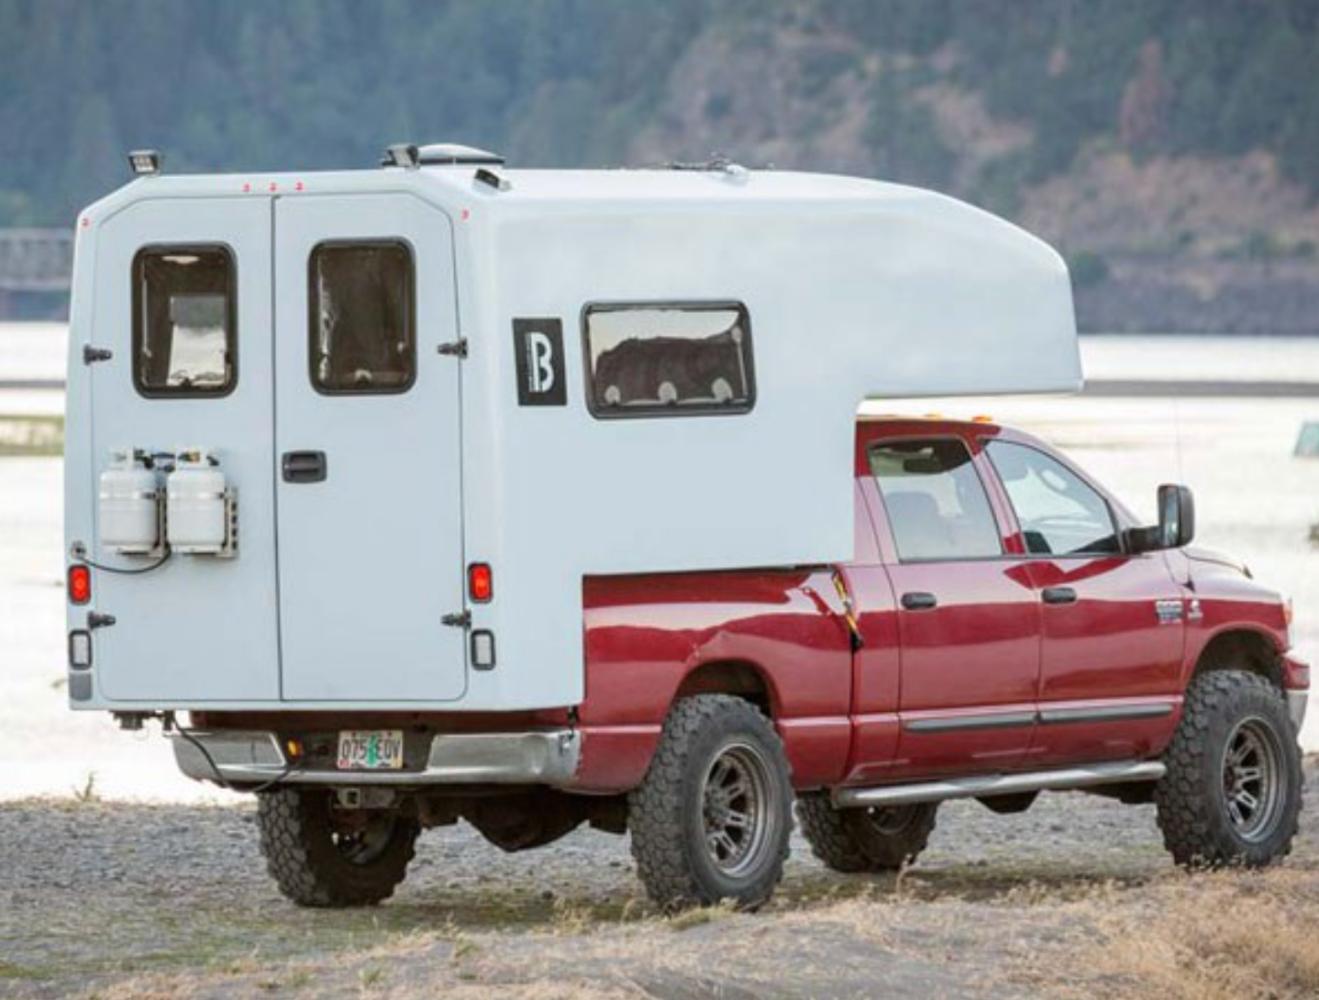 bahn camper works slide in truck camper